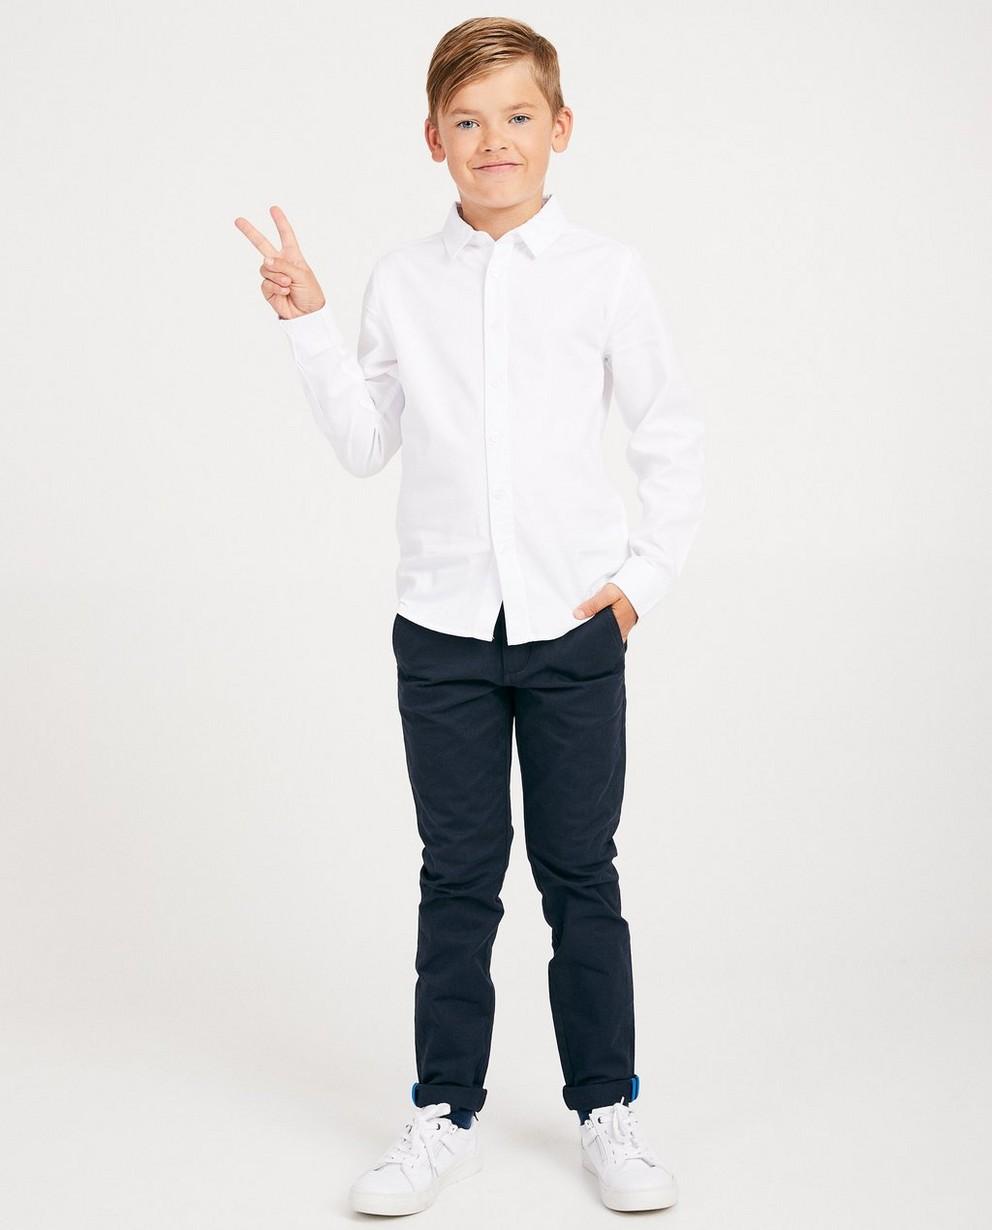 Pantalon bleu foncé - uniforme scolaire - JBC